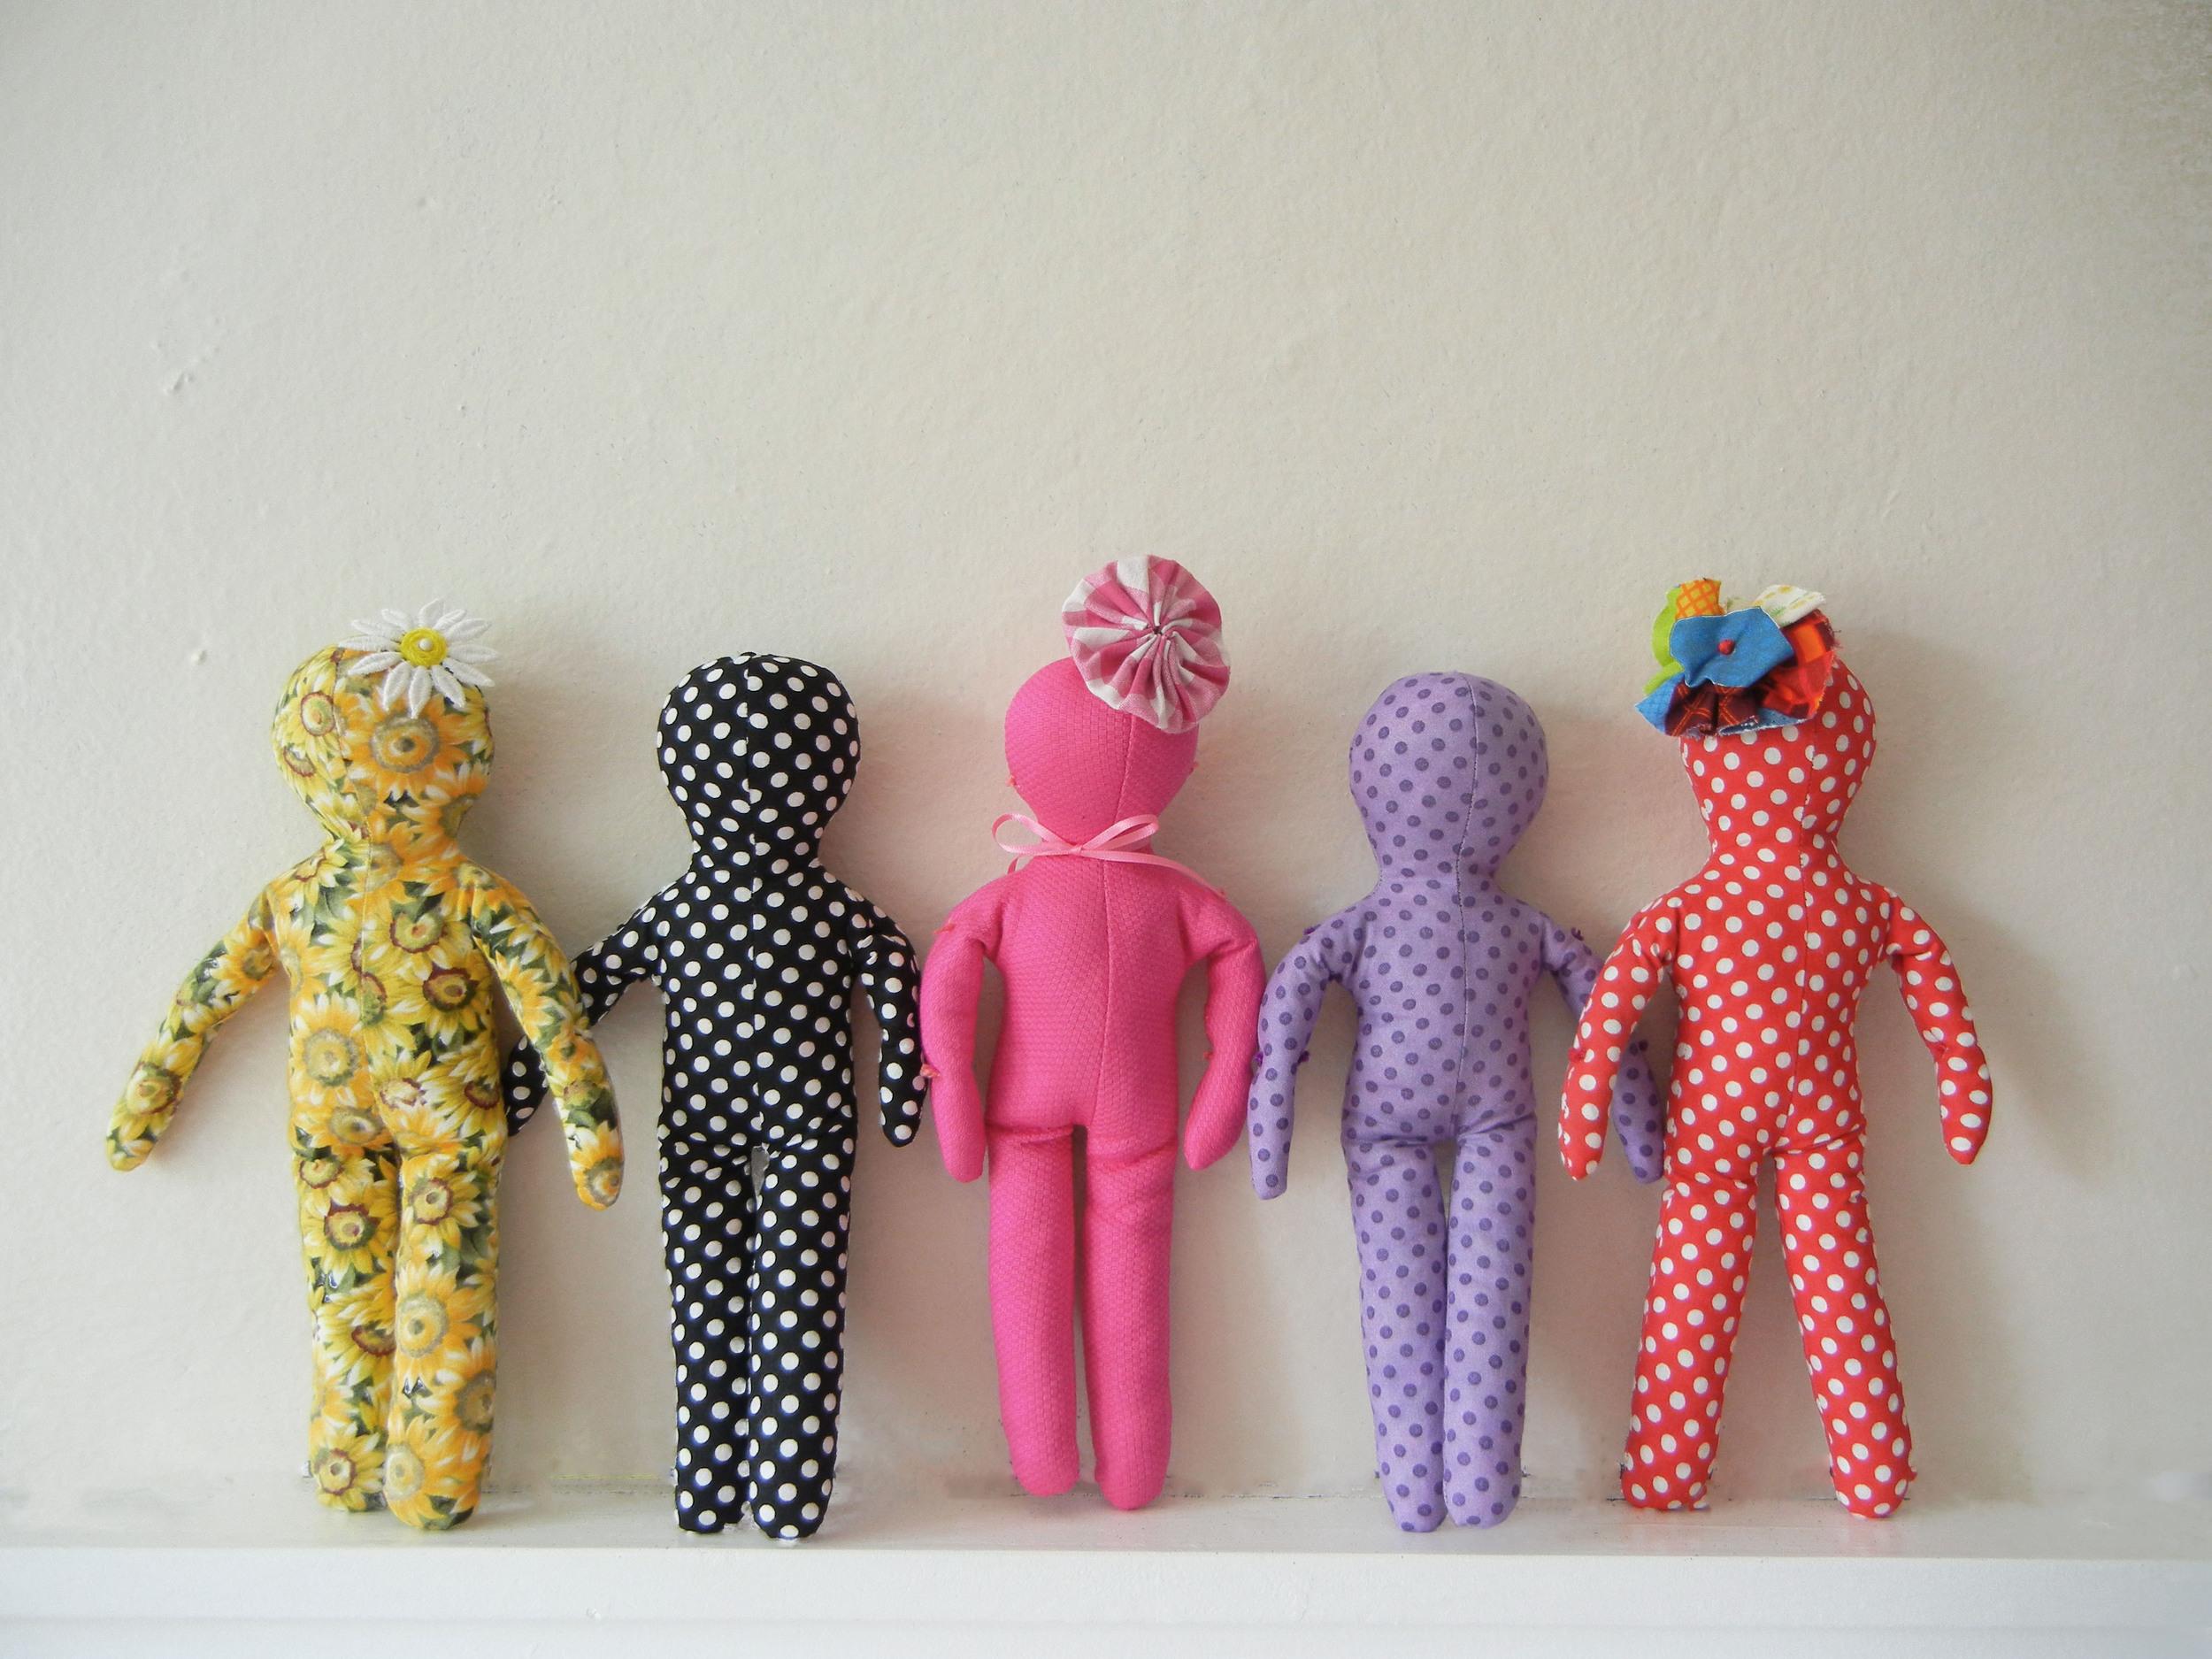 Five Small Dolls.jpg